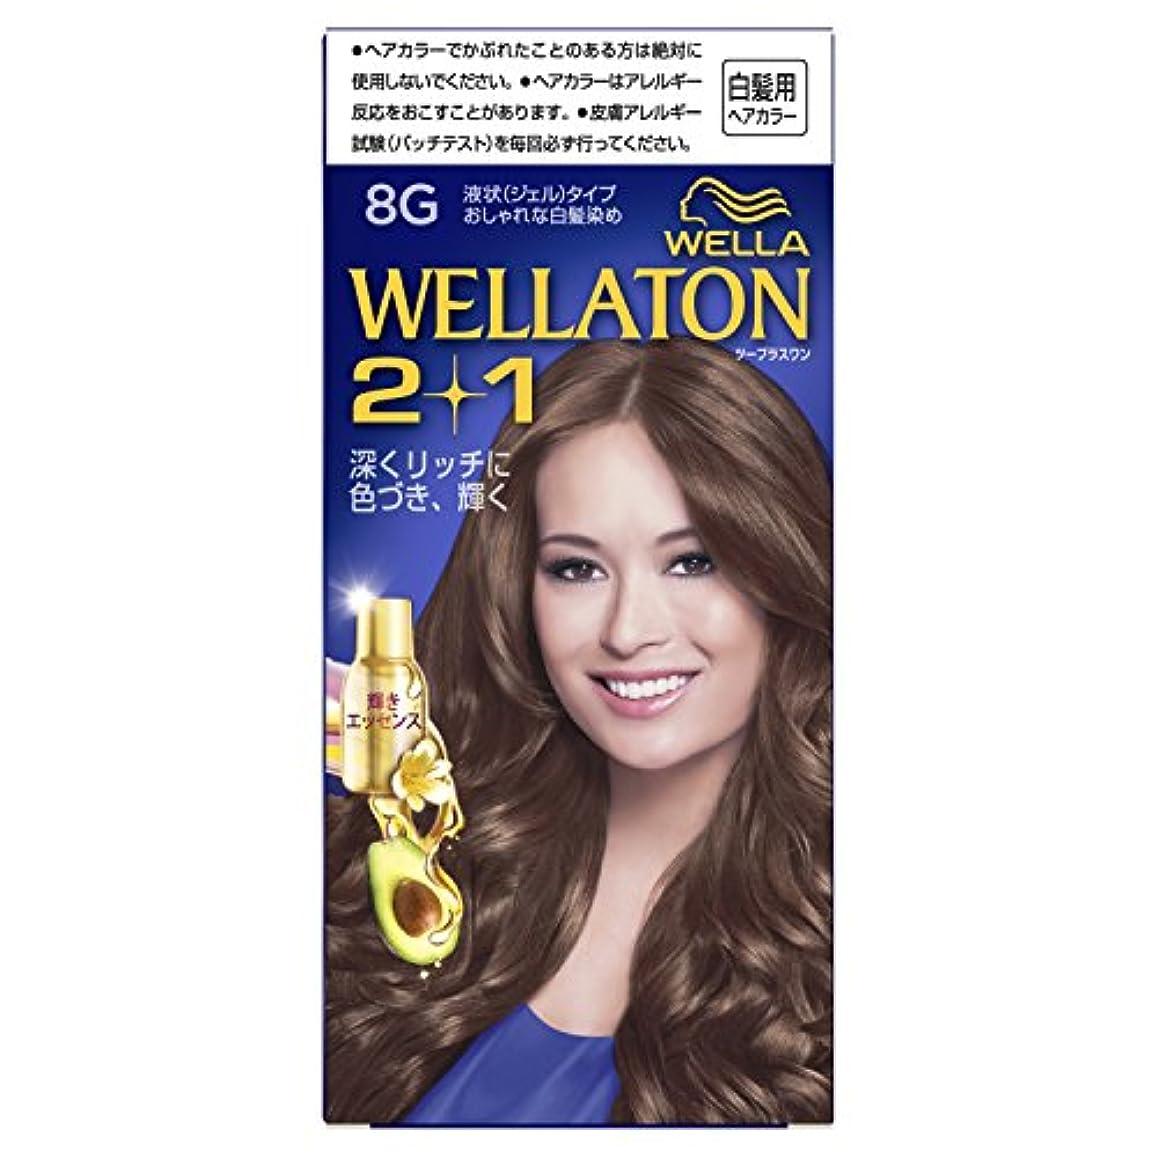 改善する断片蜜ウエラトーン2+1 液状タイプ 8G [医薬部外品](おしゃれな白髪染め)